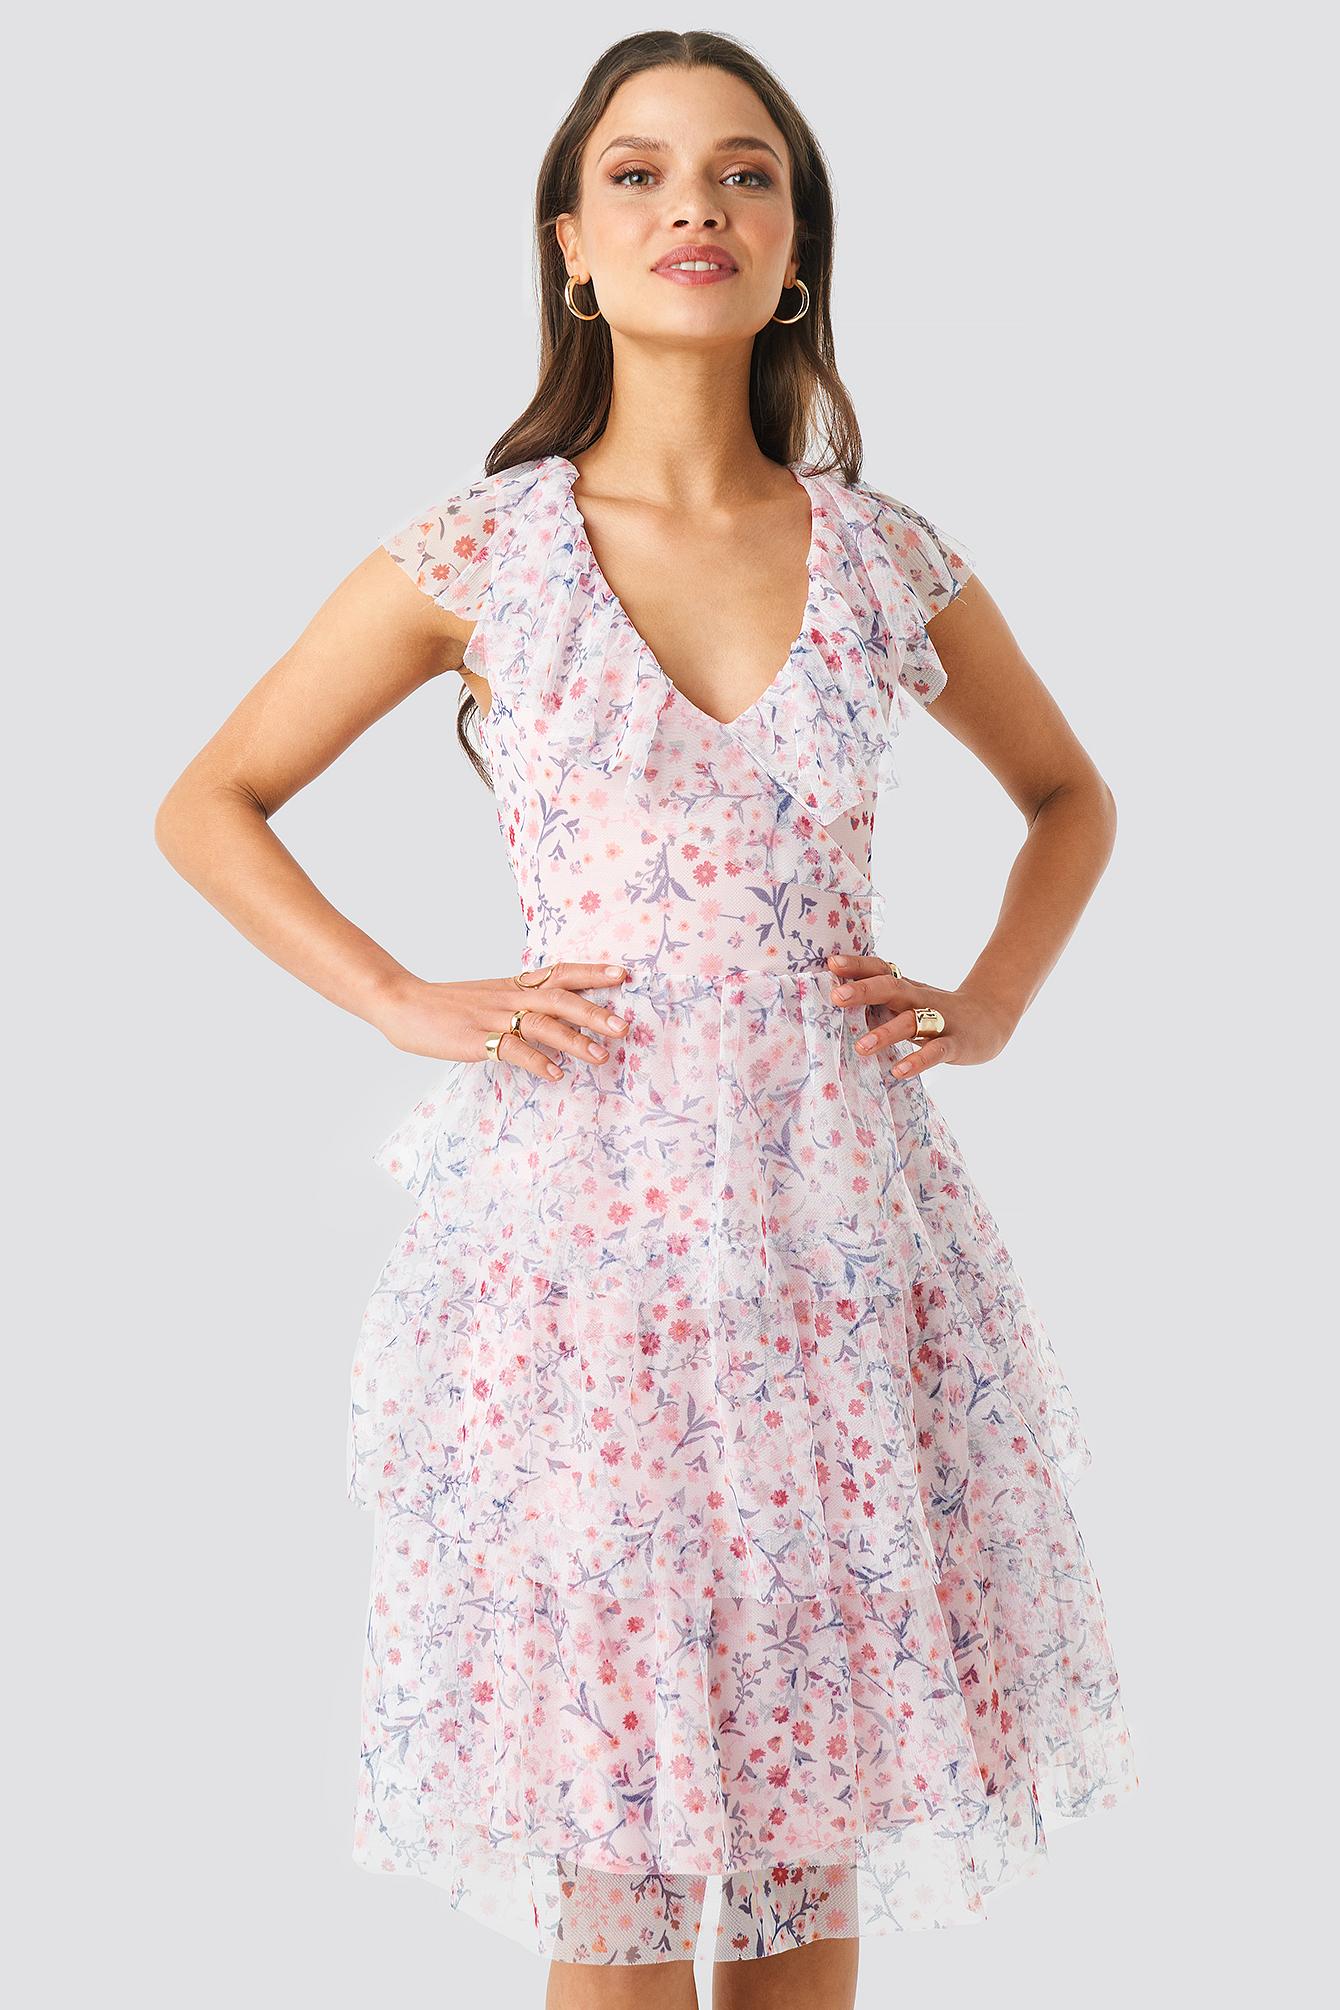 Ruffle Floral PrintNa Floral Midi Dress Midi Ruffle PrintNa Dress Qshrdt